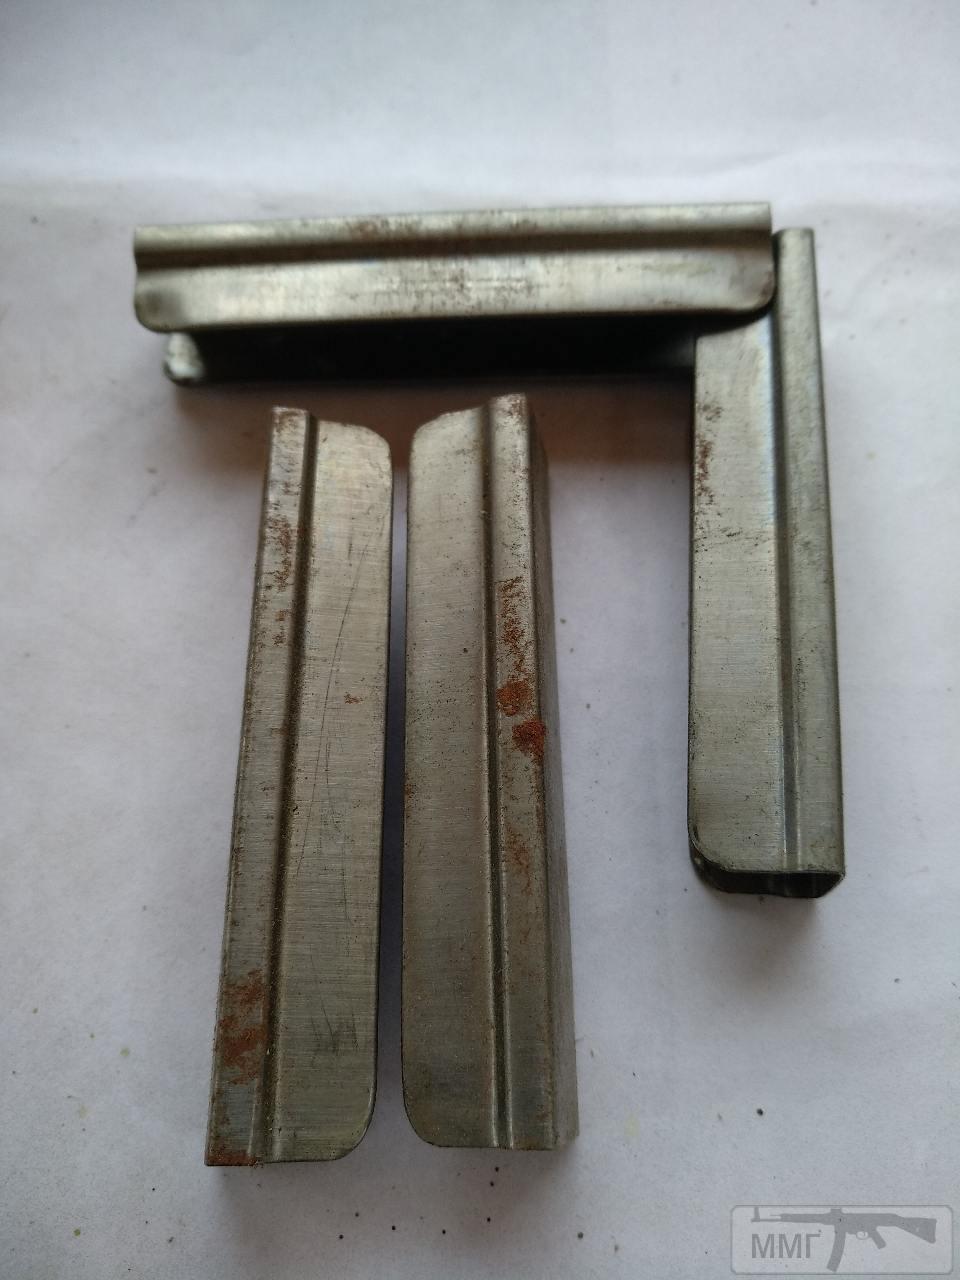 19126 - Планки ( обоймы) для карабина Мосина.